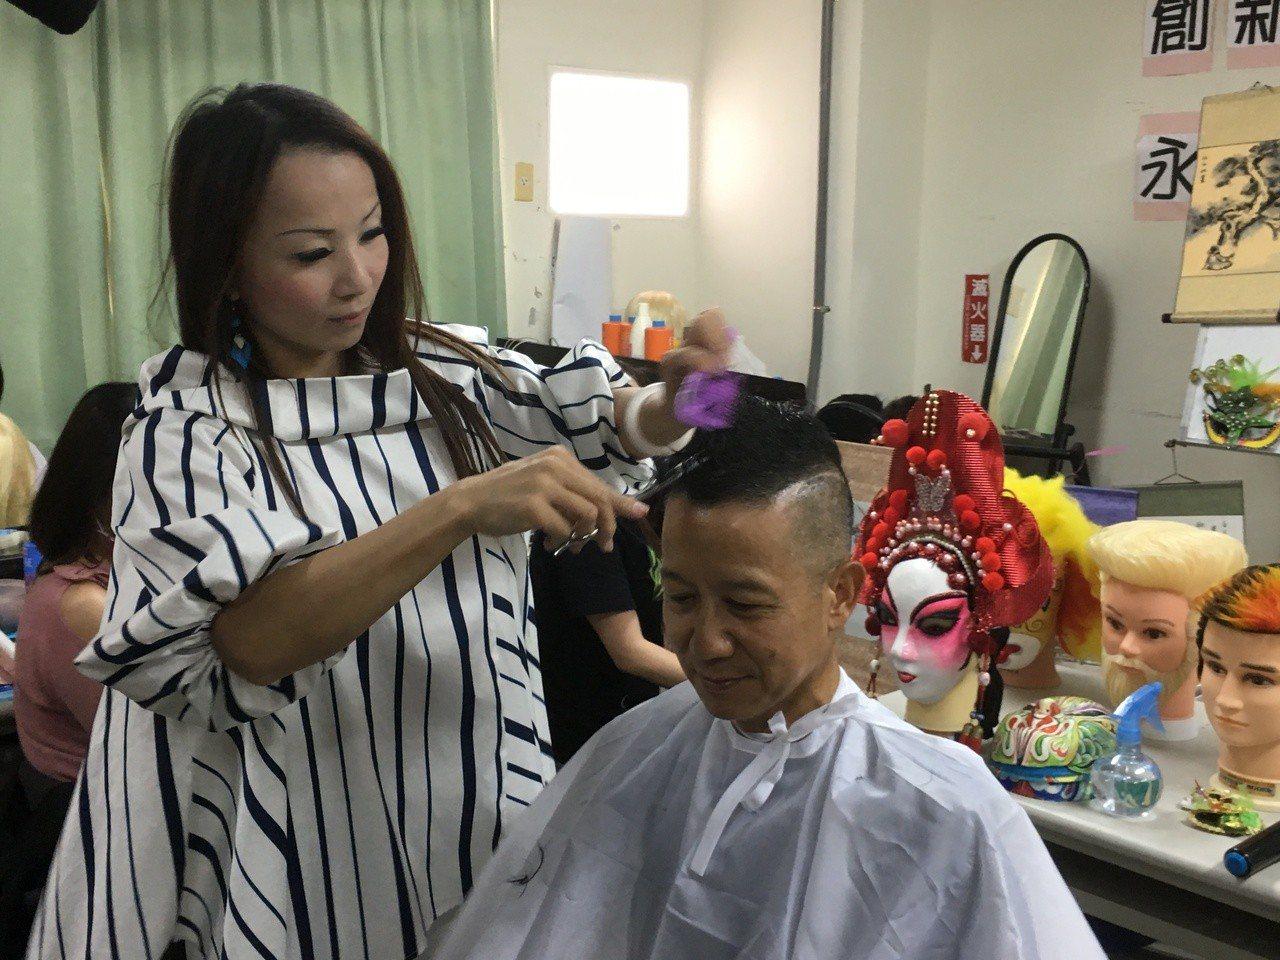 雲林縣美髮師吳淑苓(左)不捨顧客頭髮剪掉只能丟棄,不僅發揮創意,將落髮作成芭比娃...